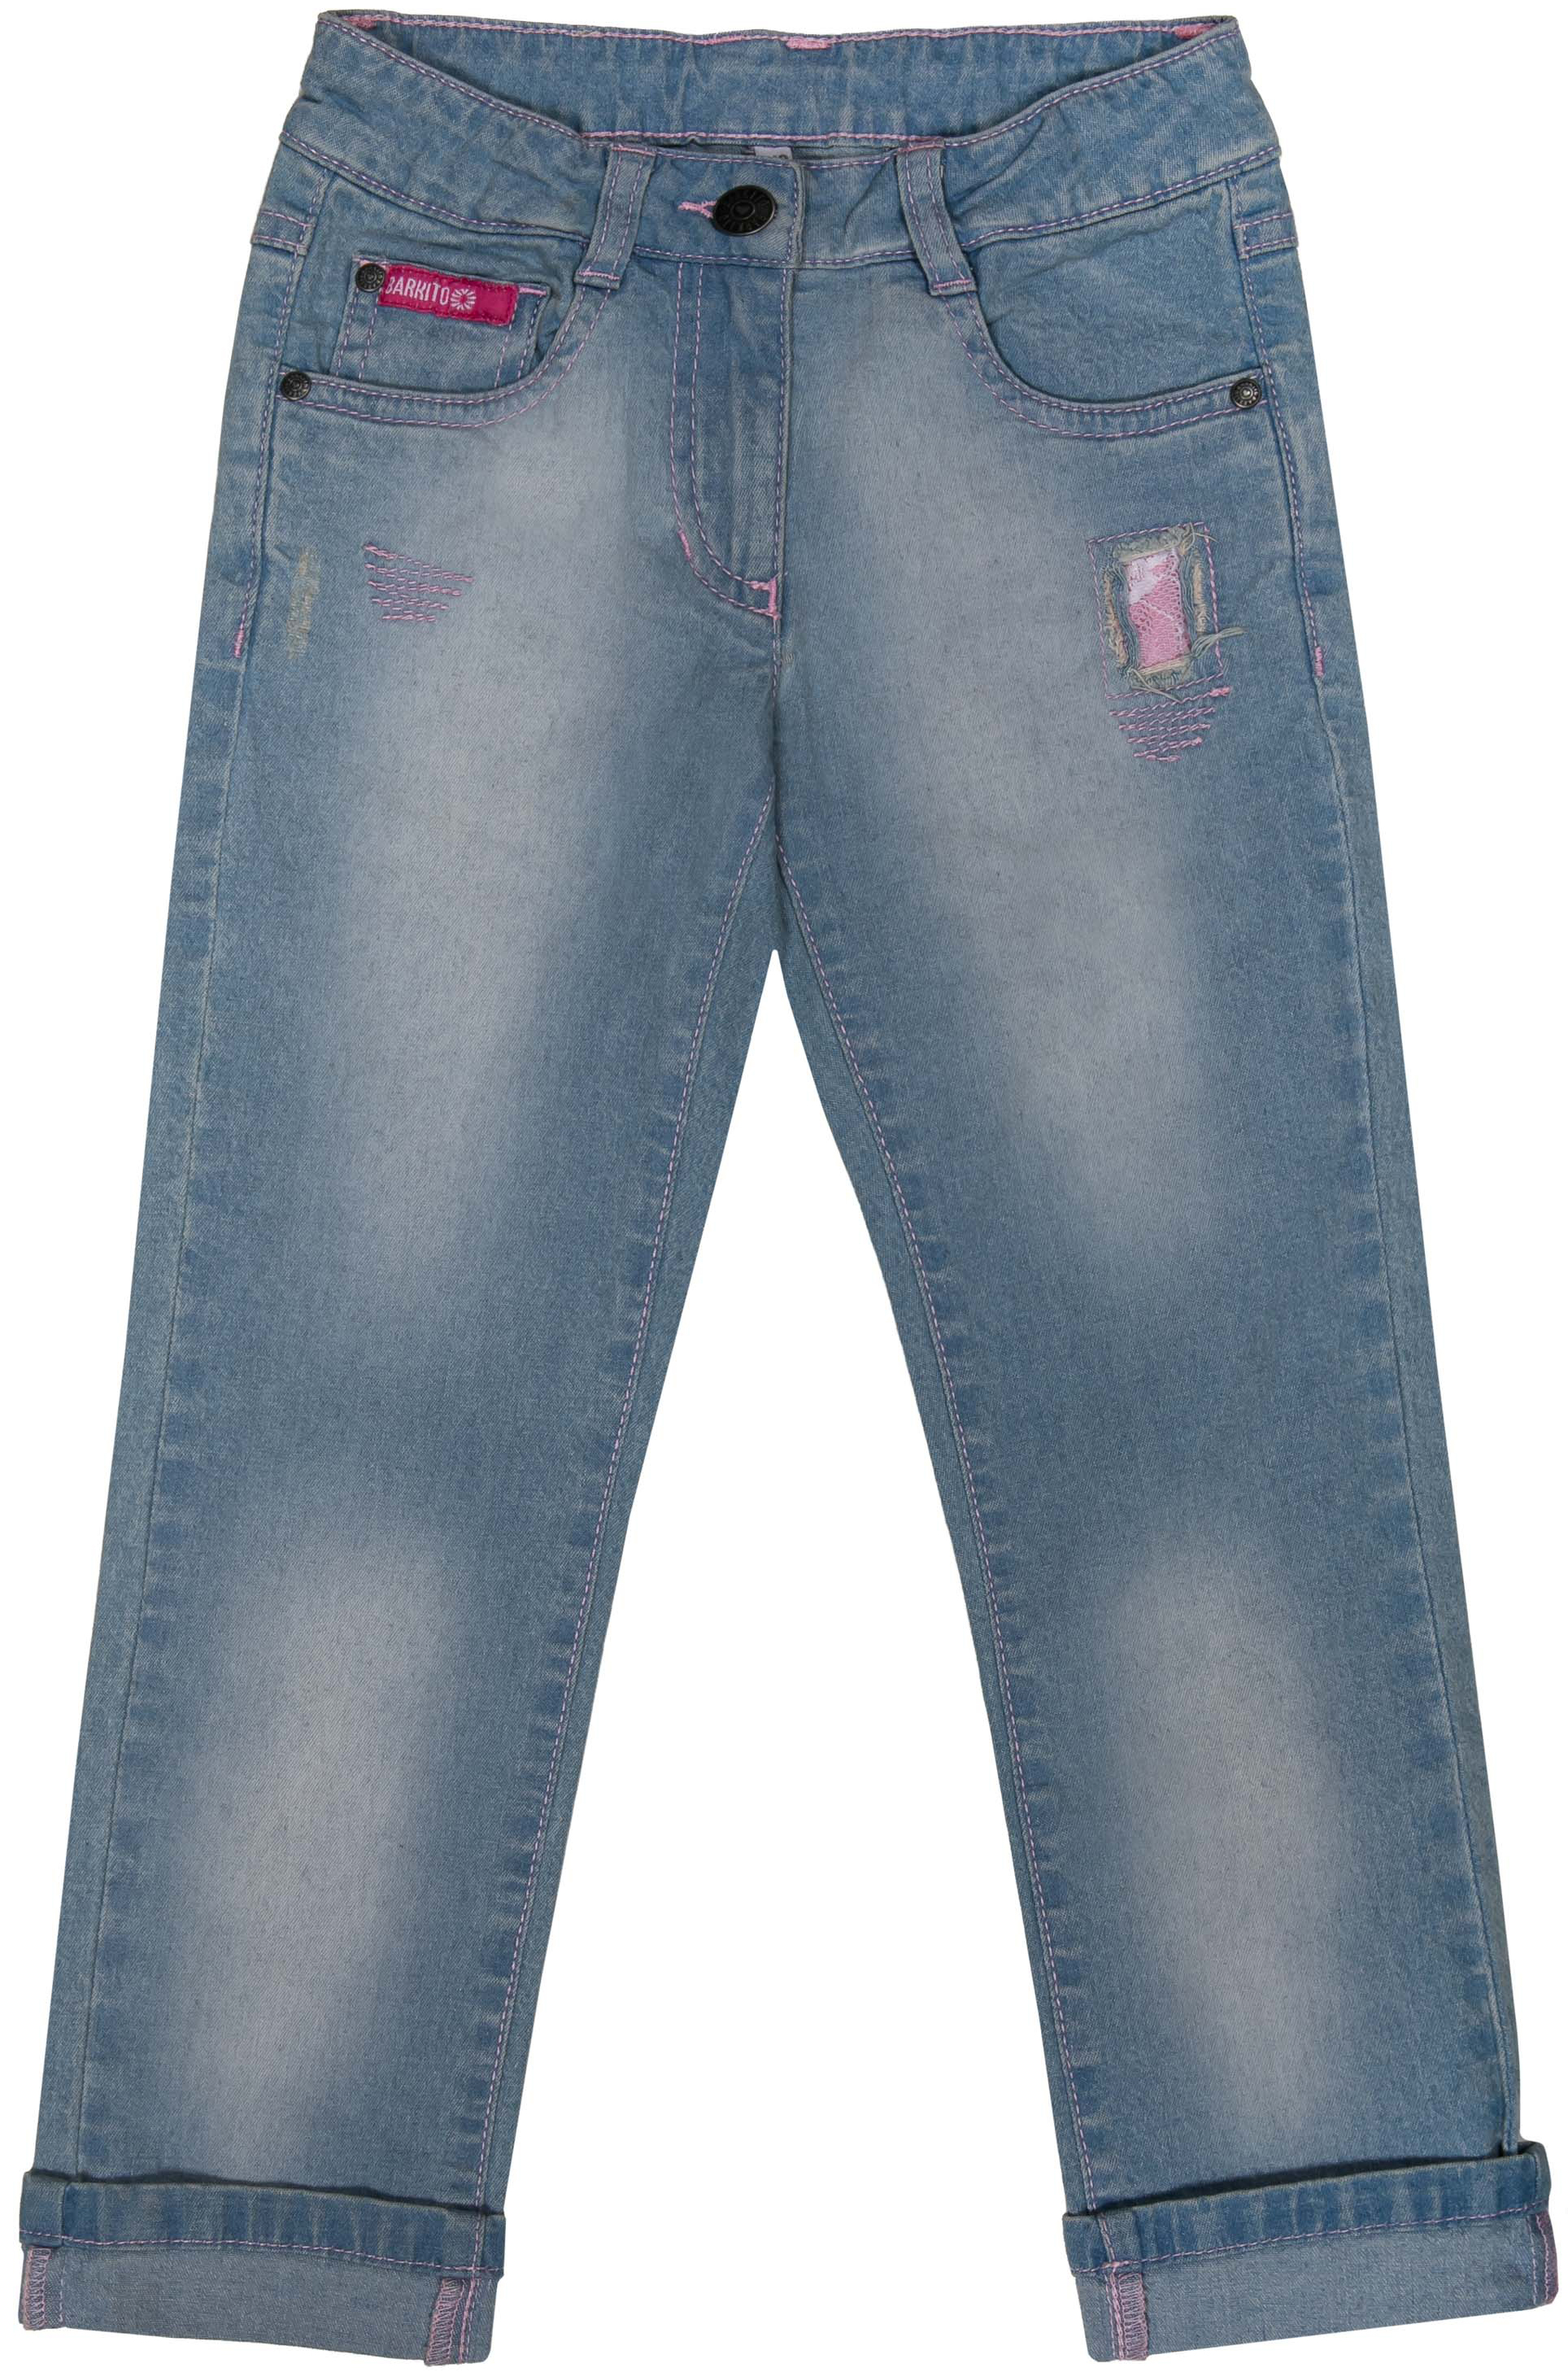 Джинсы Barkito Джинсы для девочки Деним S18G3001D брюки джинсы и штанишки s'cool брюки для девочки hip hop 174059